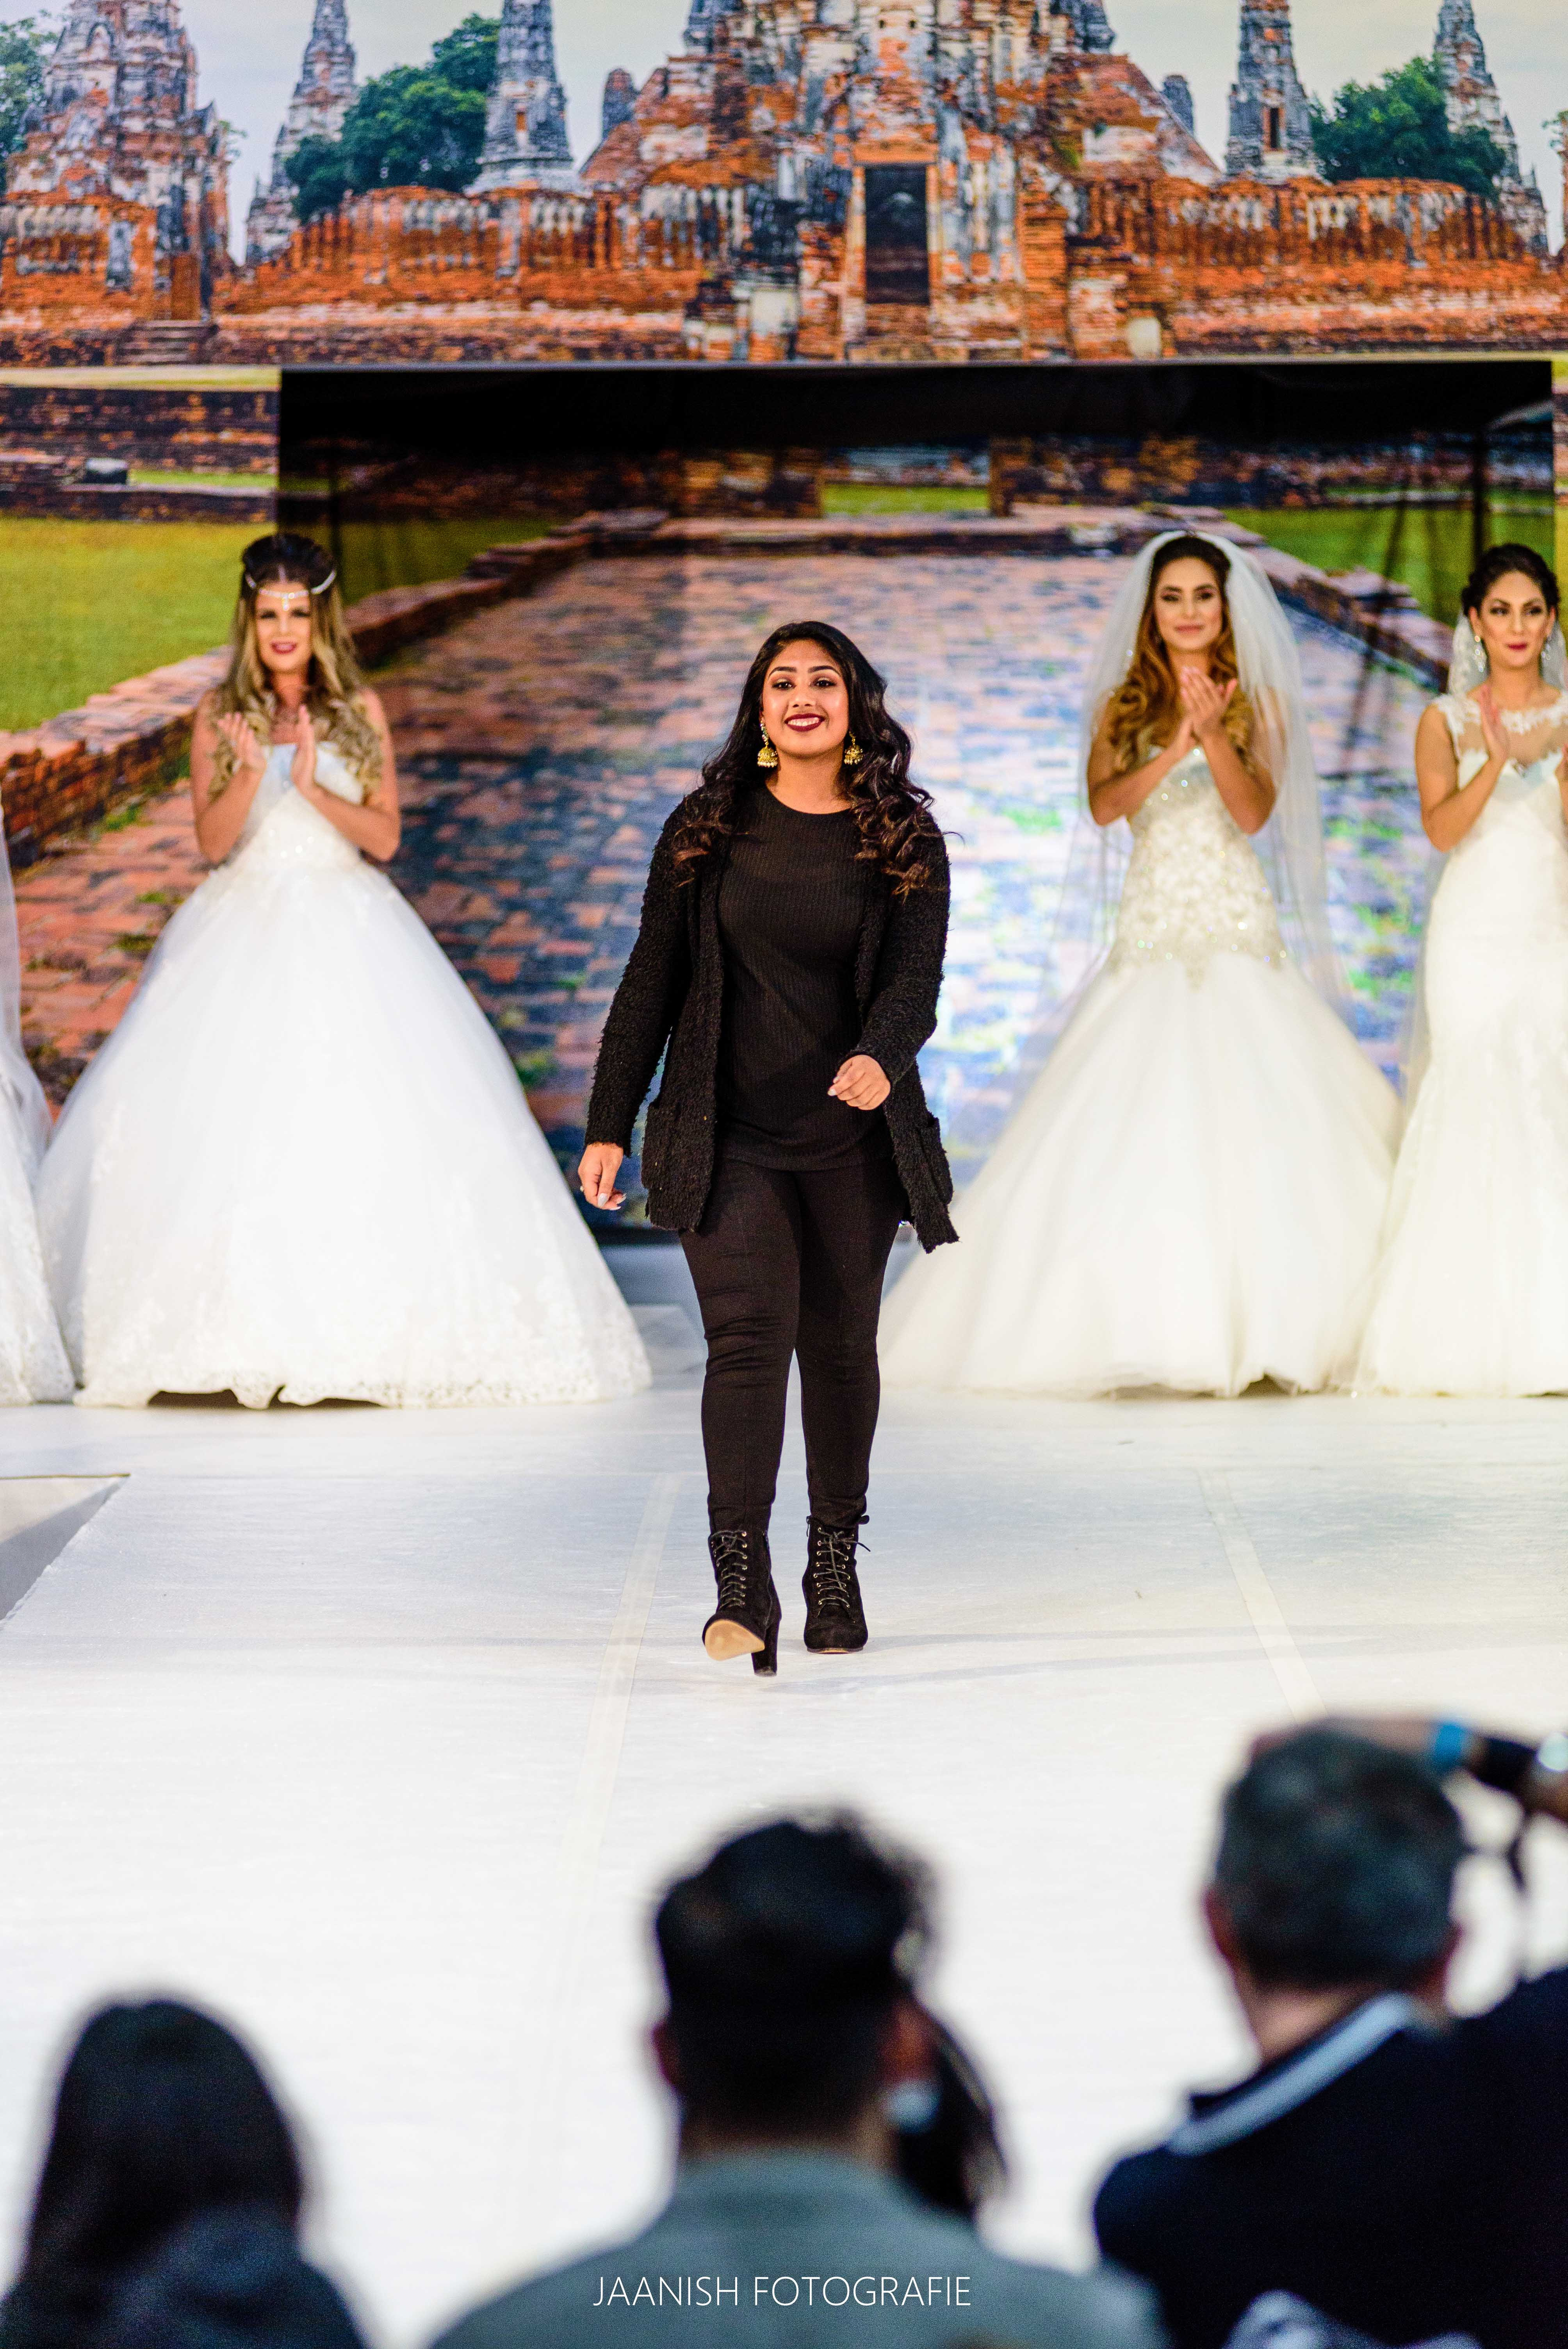 Fashion fotograaf The Big Day 5 wedding beurs 18